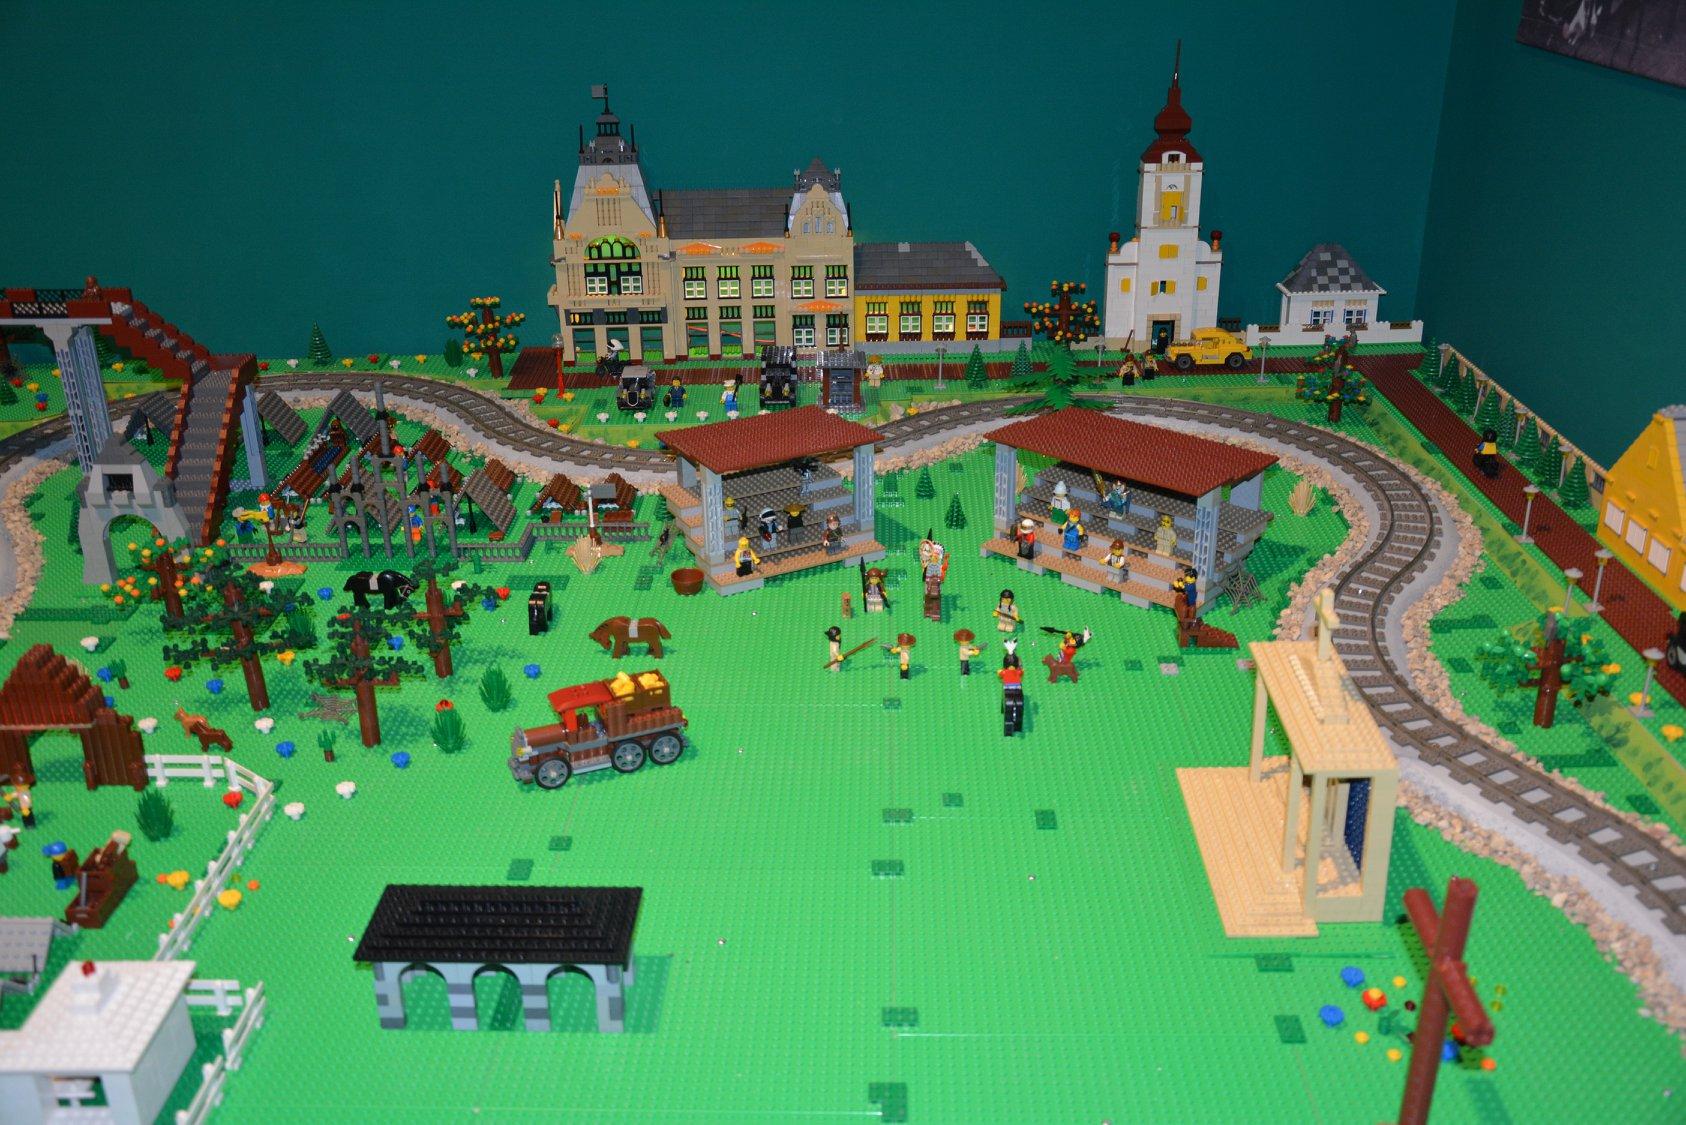 Megnyitották a Gödöllői Városi Múzeum megújított cserkész és vadászati kiállítását